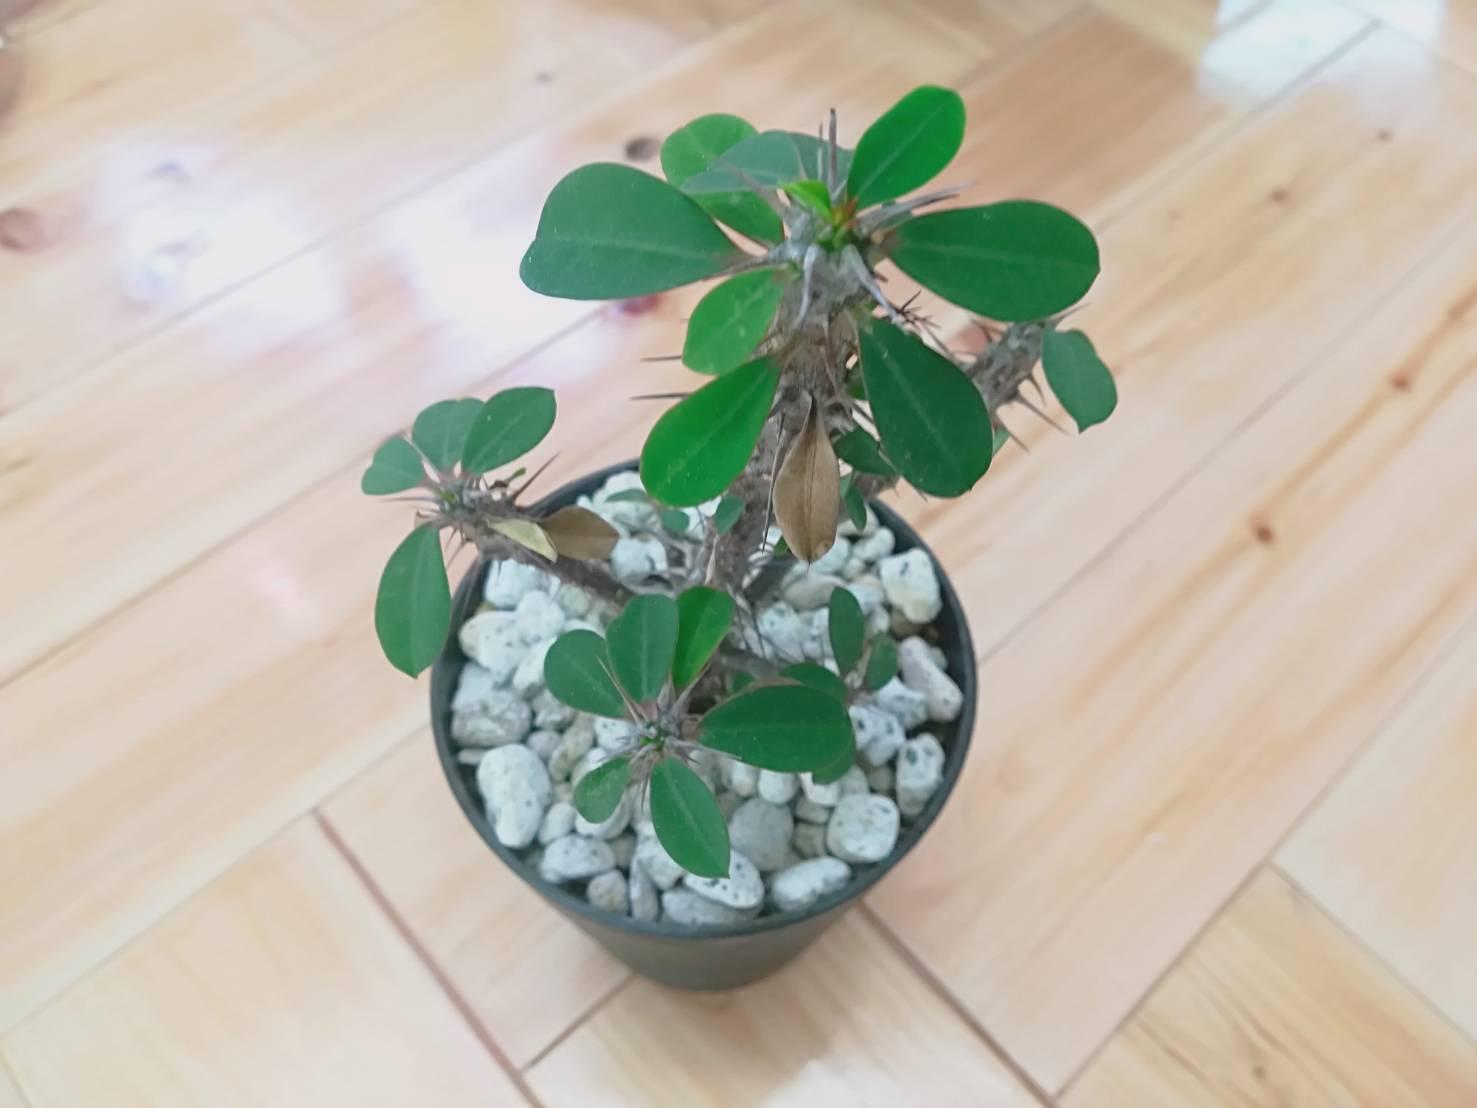 ハナキリンの植え替え。≪Euphorbia milii≫